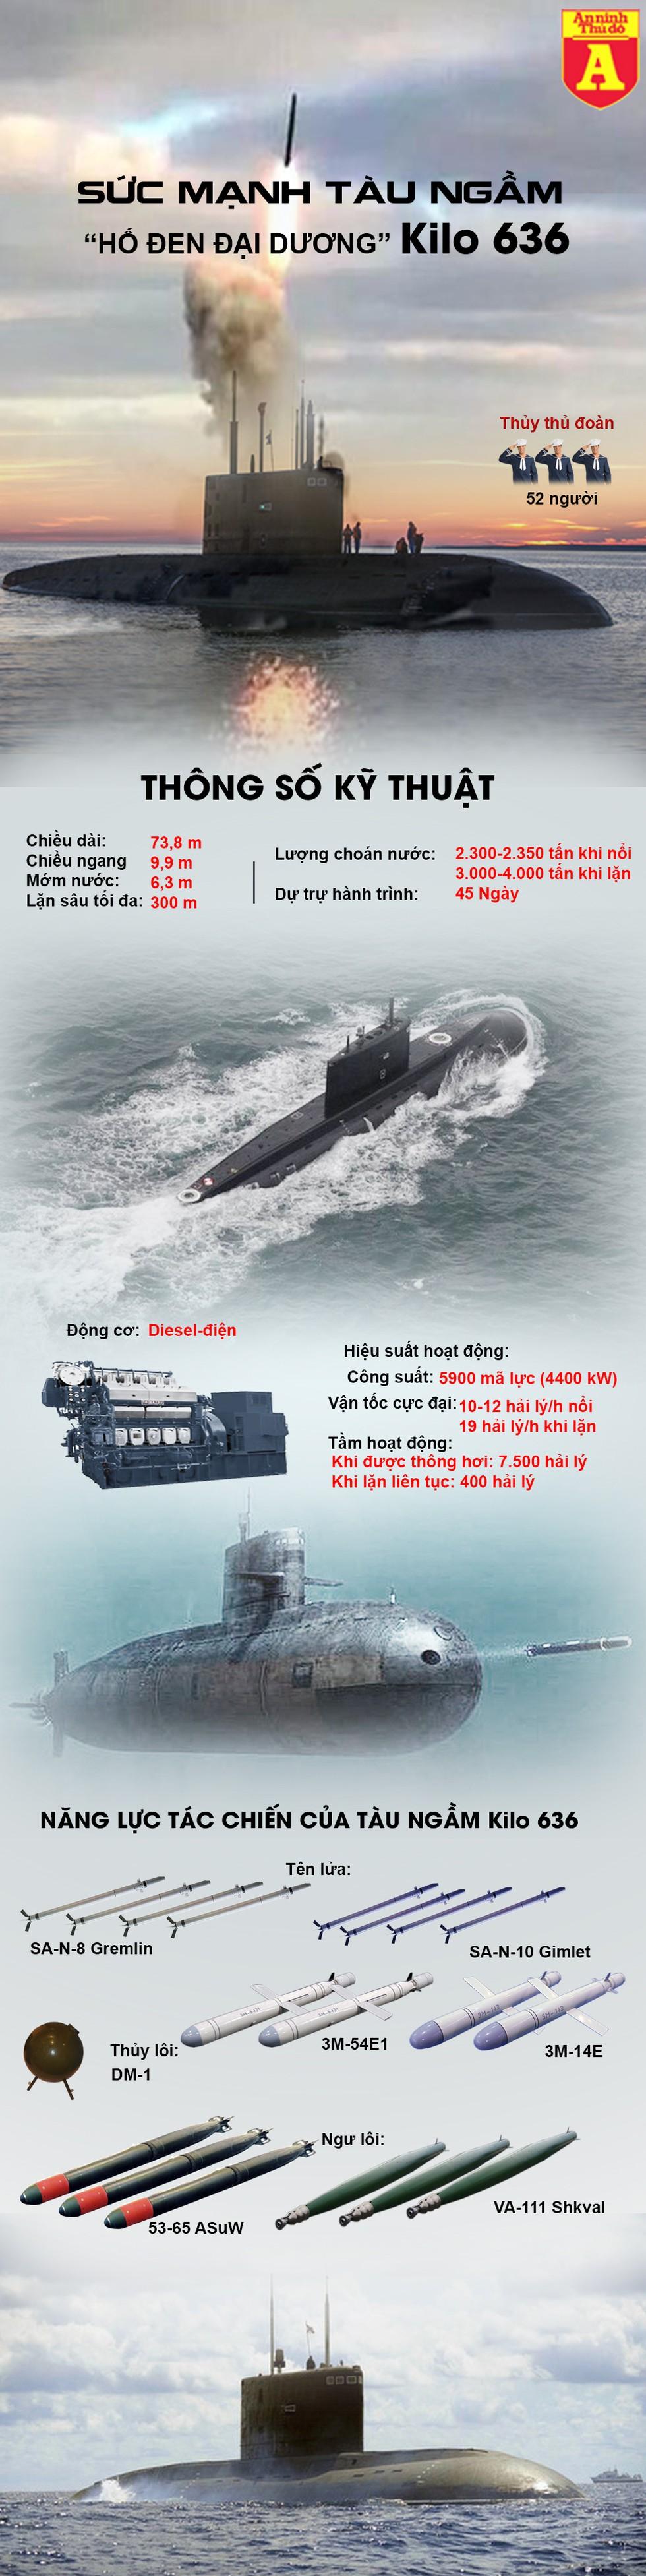 """[Infographics] """"Hố đen đại dương"""" Kilo 636 Nga lại lầm lũi tiến vào Địa Trung Hải - Ảnh 1"""